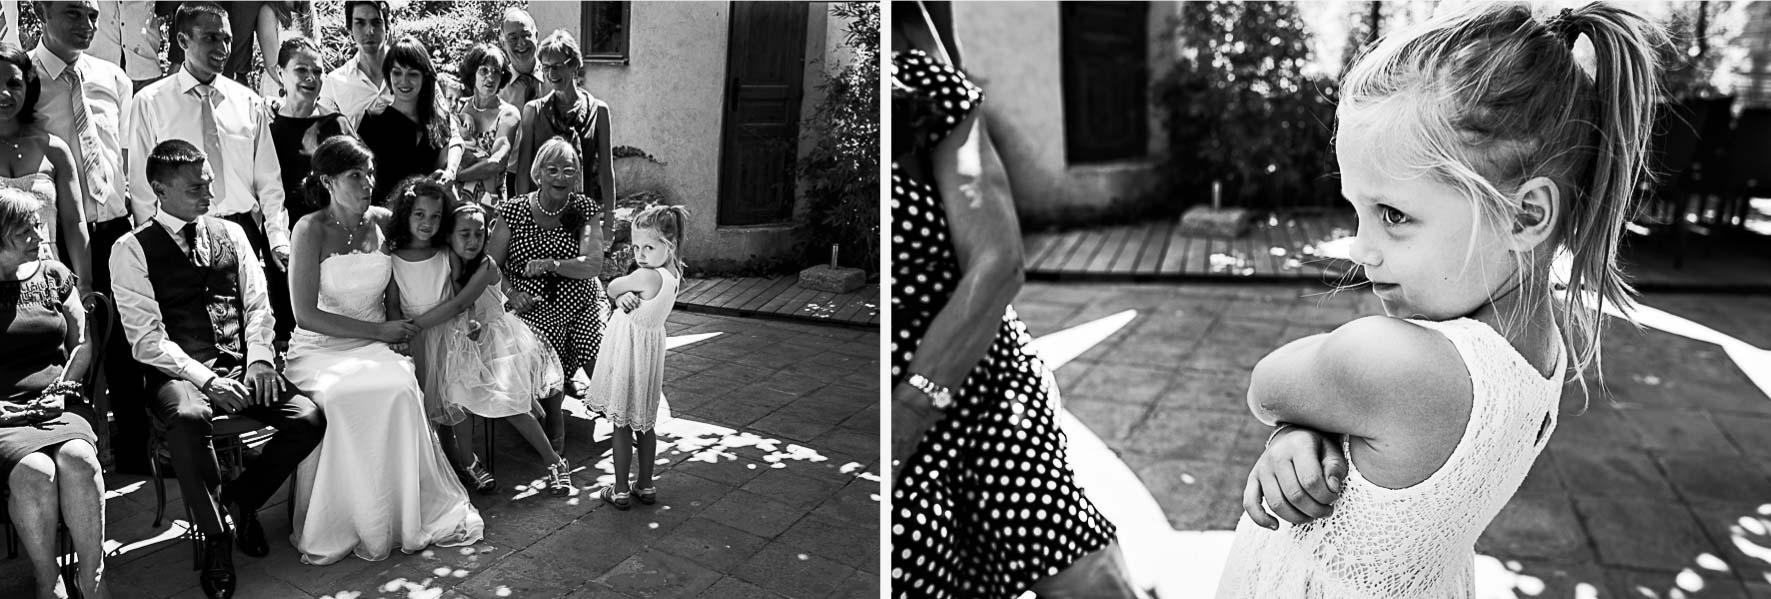 Photographe mariage Aix en Provence - Andrea & Sylvain-23-1